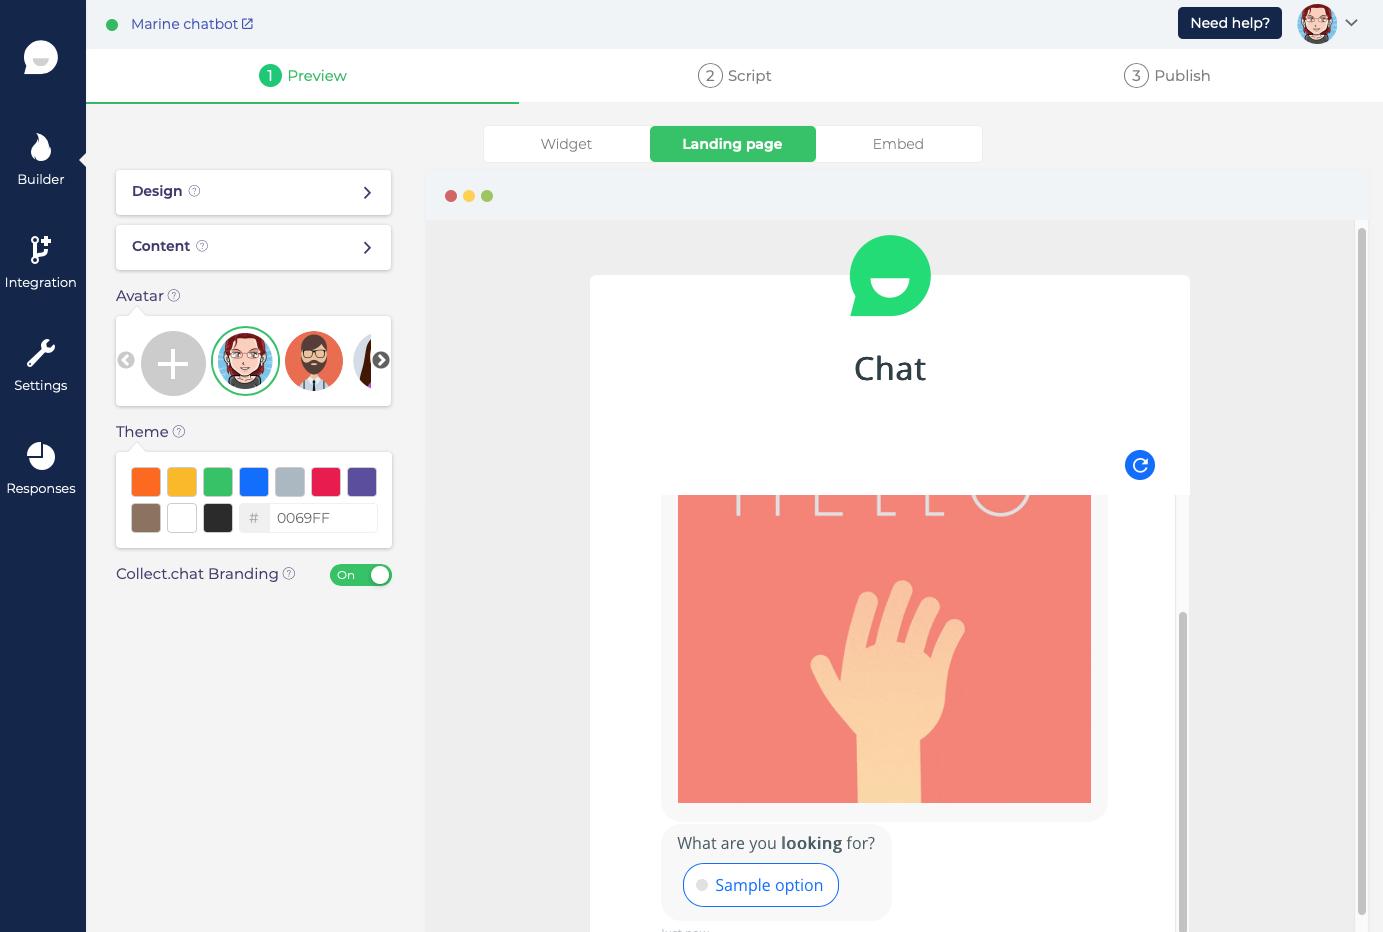 Personnaliser l'apparence de votre chatbot Collect.chat en Landing Page, page complète